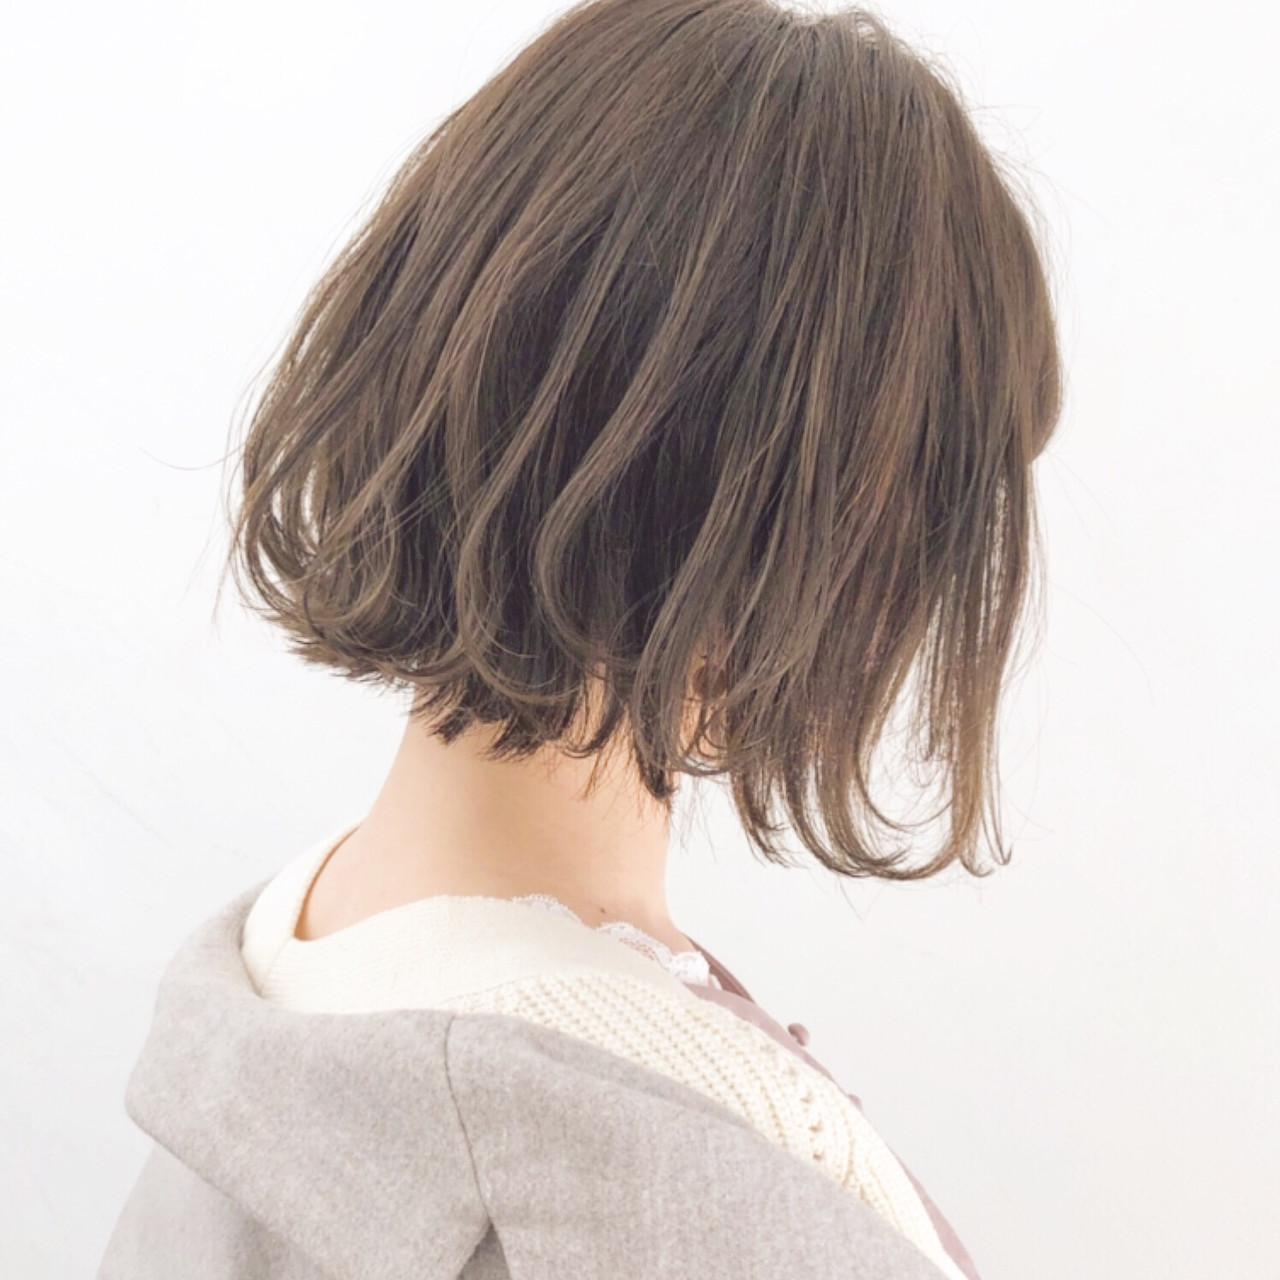 オフィス アンニュイほつれヘア 簡単ヘアアレンジ パーマ ヘアスタイルや髪型の写真・画像 | 『ボブ美容師』永田邦彦 表参道 / send by HAIR